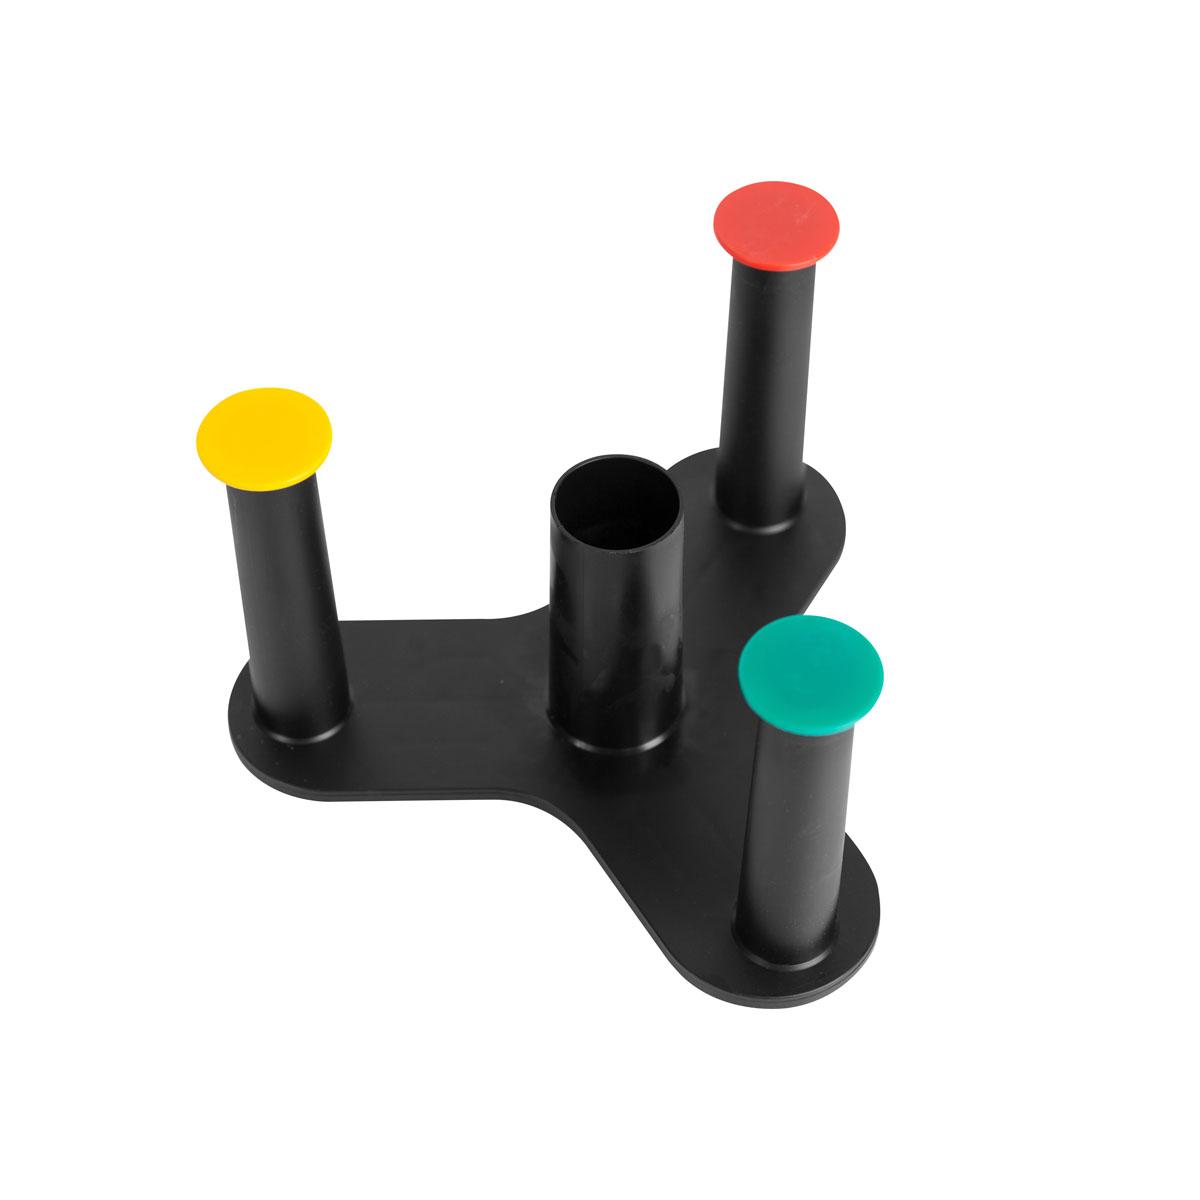 Drehkreuz für 3 Standard-Kleinrollen